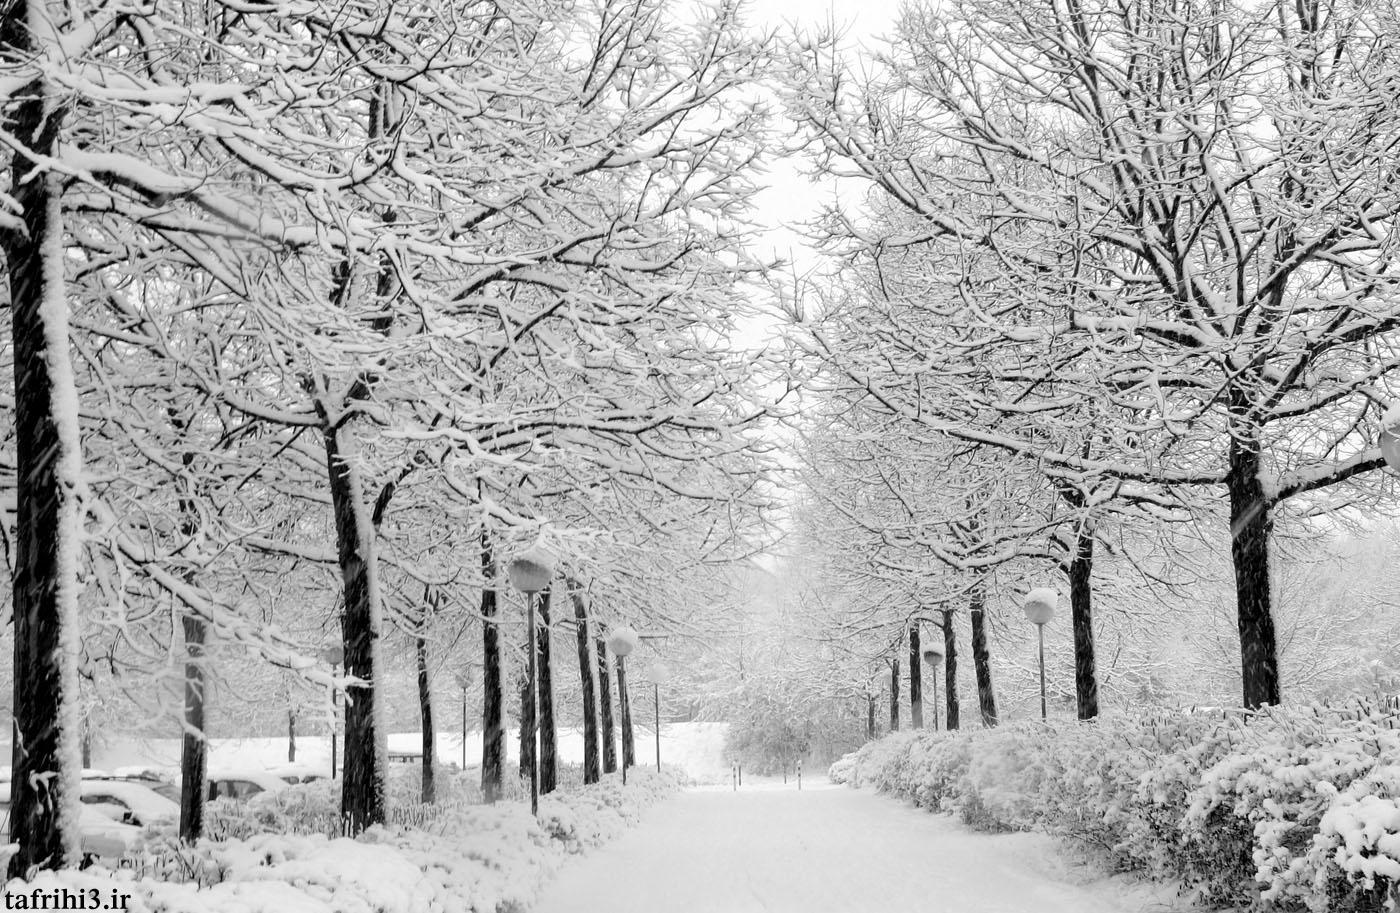 تصاویر متحرک فصل زمستان